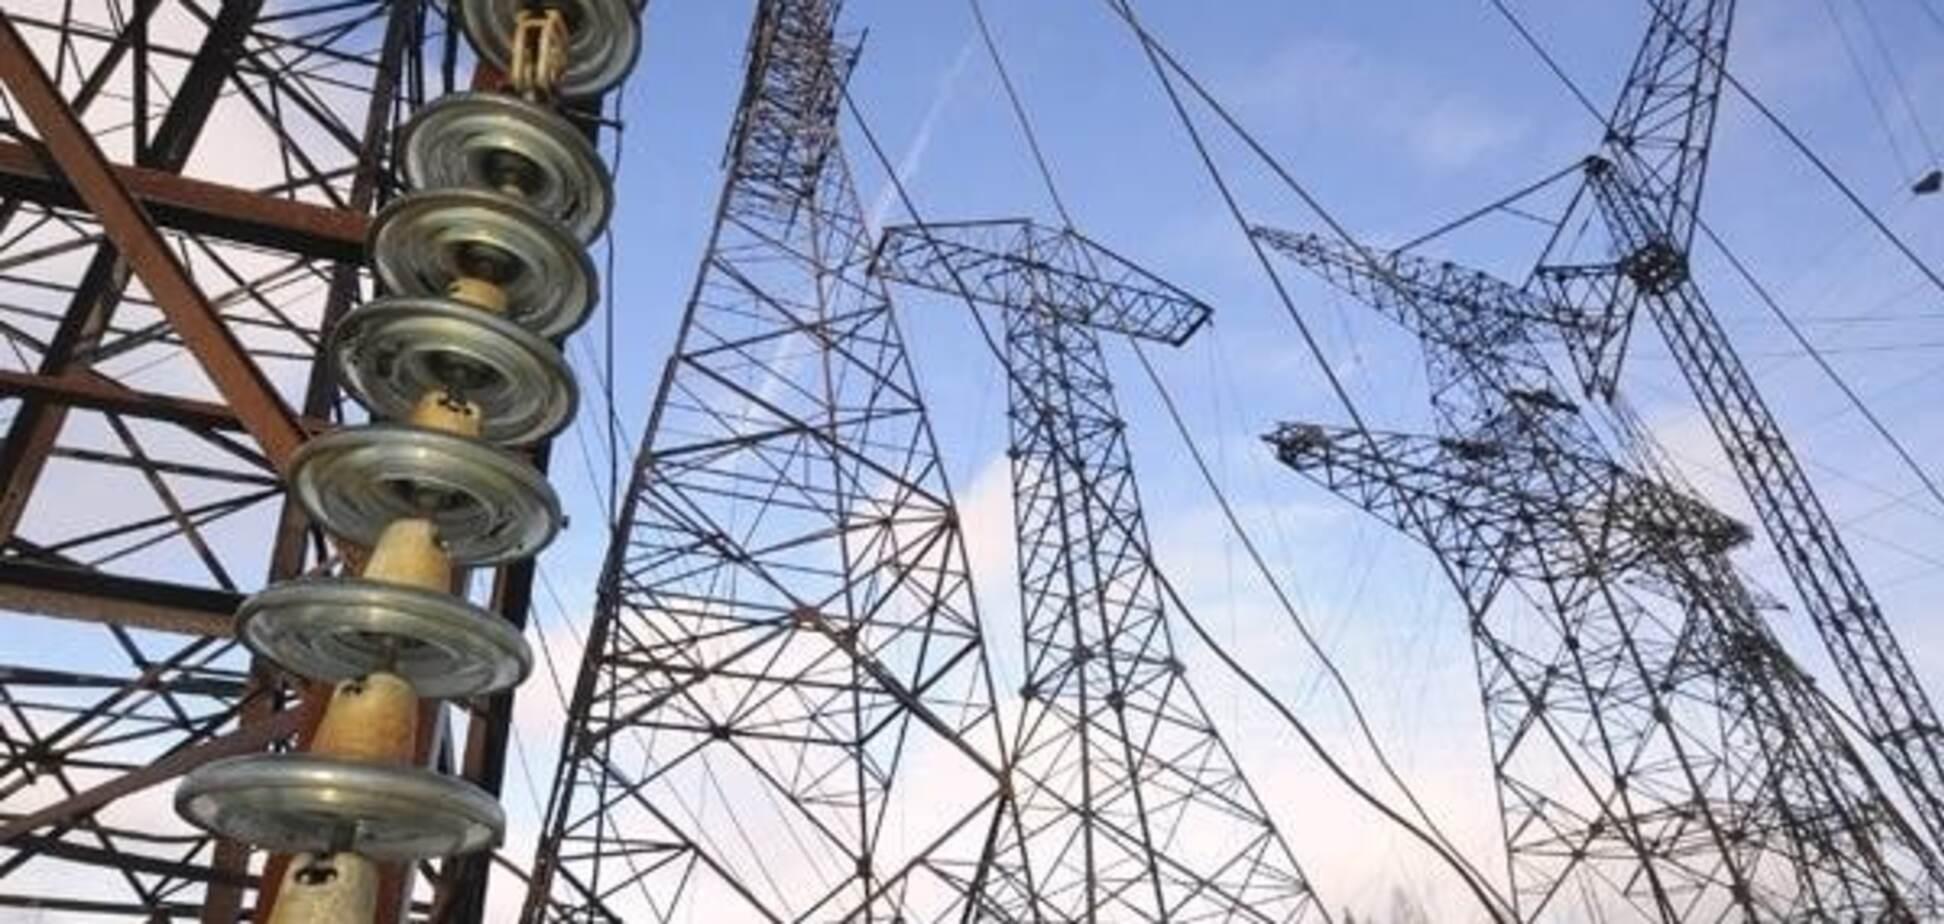 Невідомі спробували 'відрізати' мінометними снарядами електрику для Криму